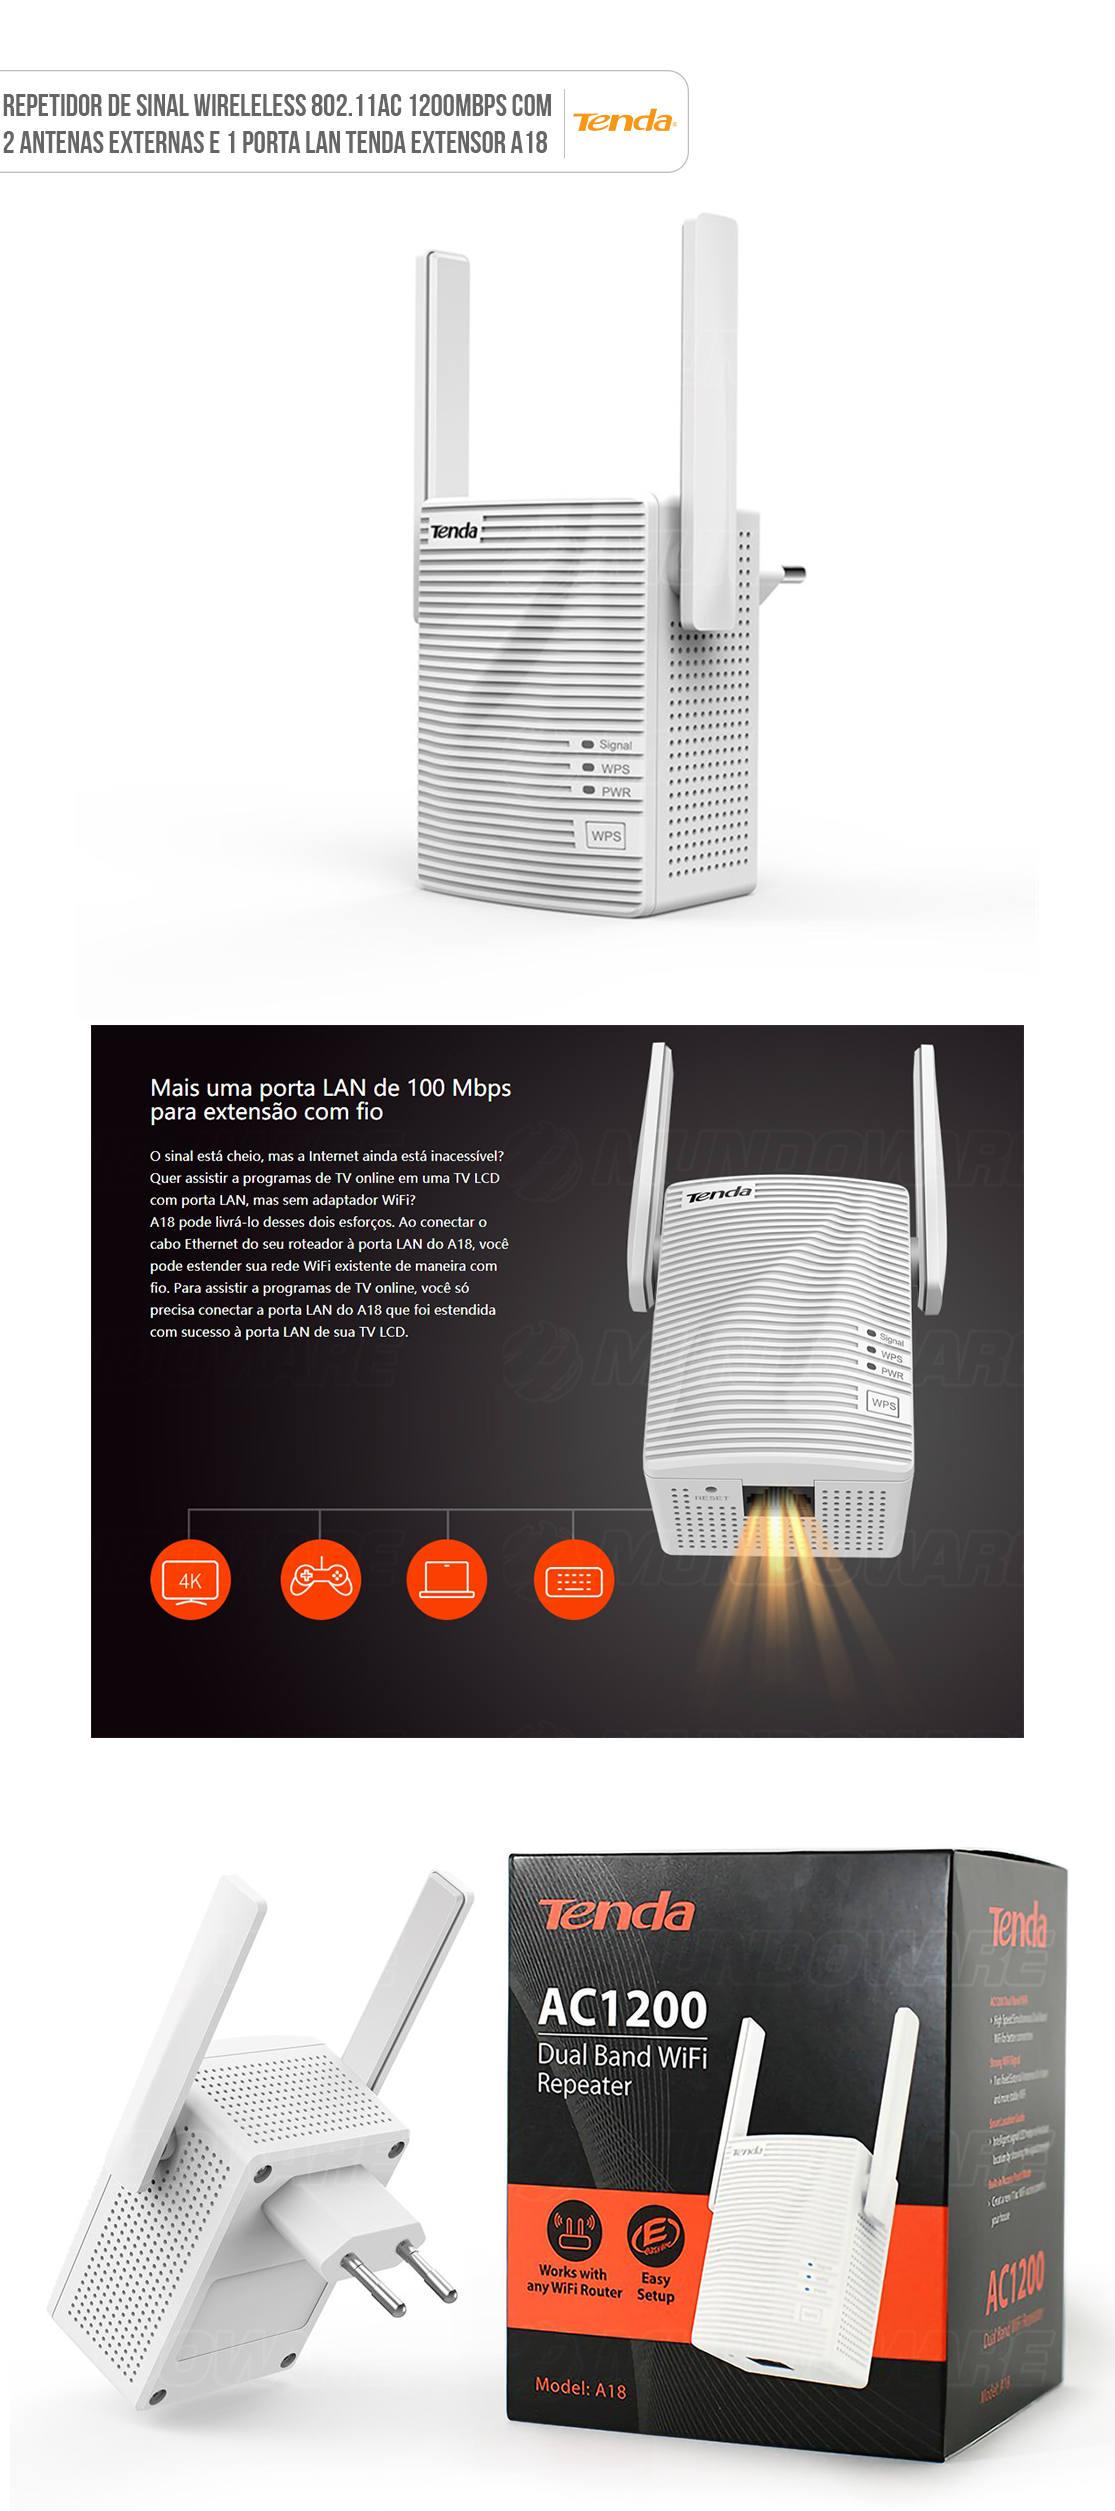 Repetidor de Sinal Wireless 802.11AC 1200Mbps Dual Band com 2 Antenas Externas e 1 Porta LAN Tenda Extensor A18